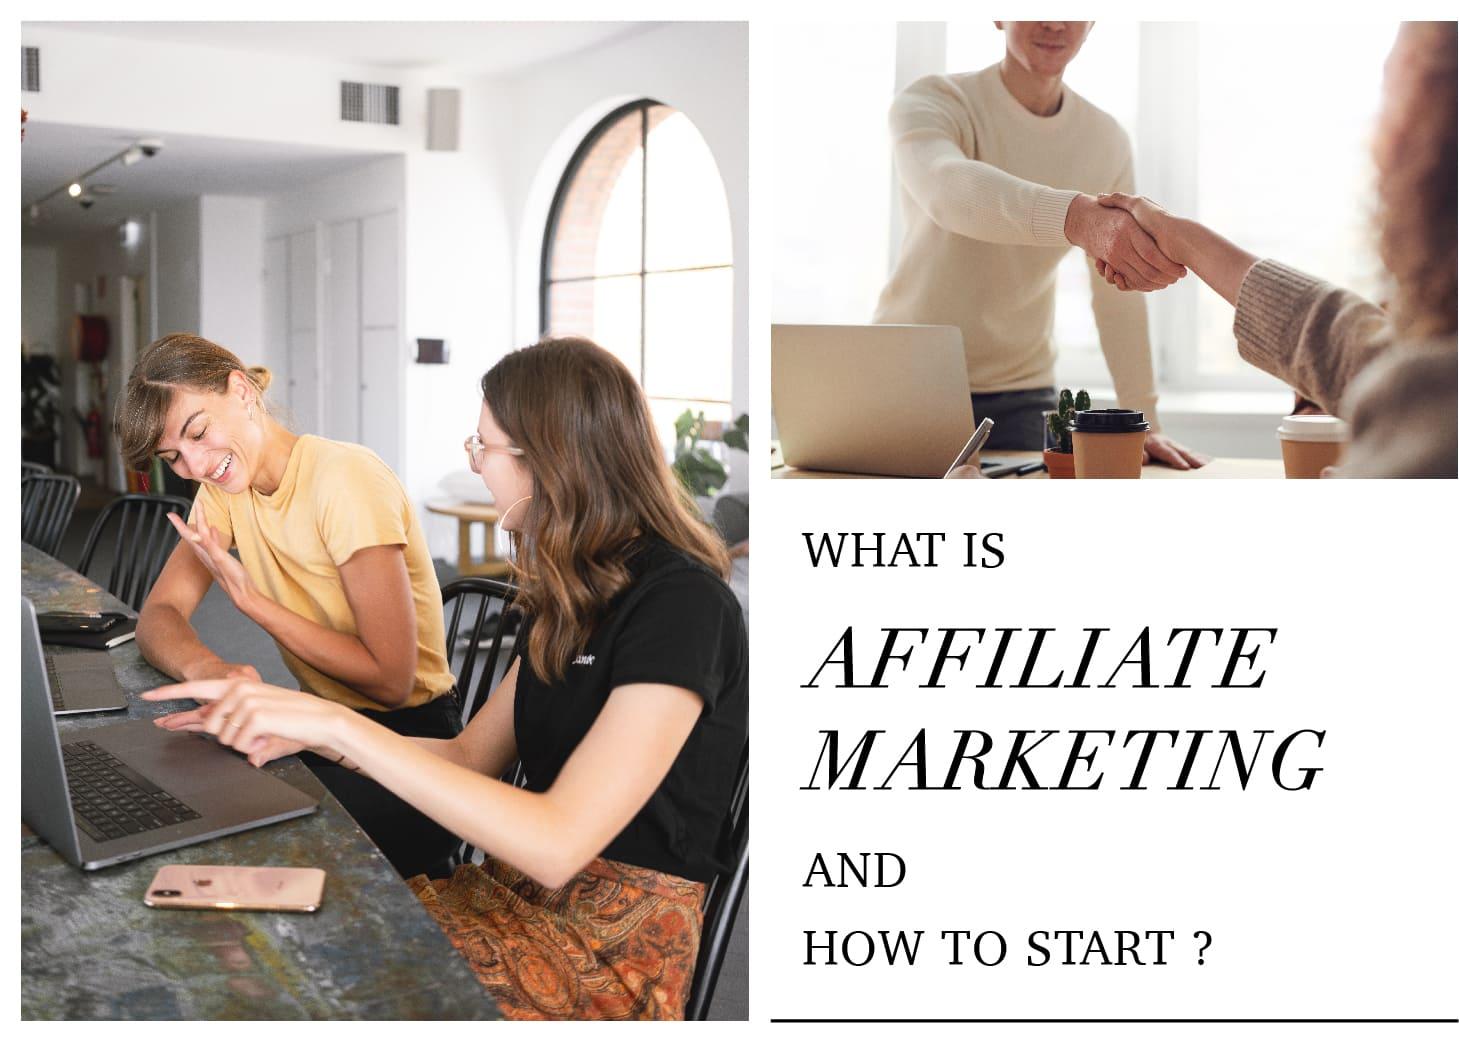 網紅都怎麼賺錢?創業人不可不知的「聯盟行銷」!打造高品質無痕業配文What Is Affiliate Marketing And How To Start?